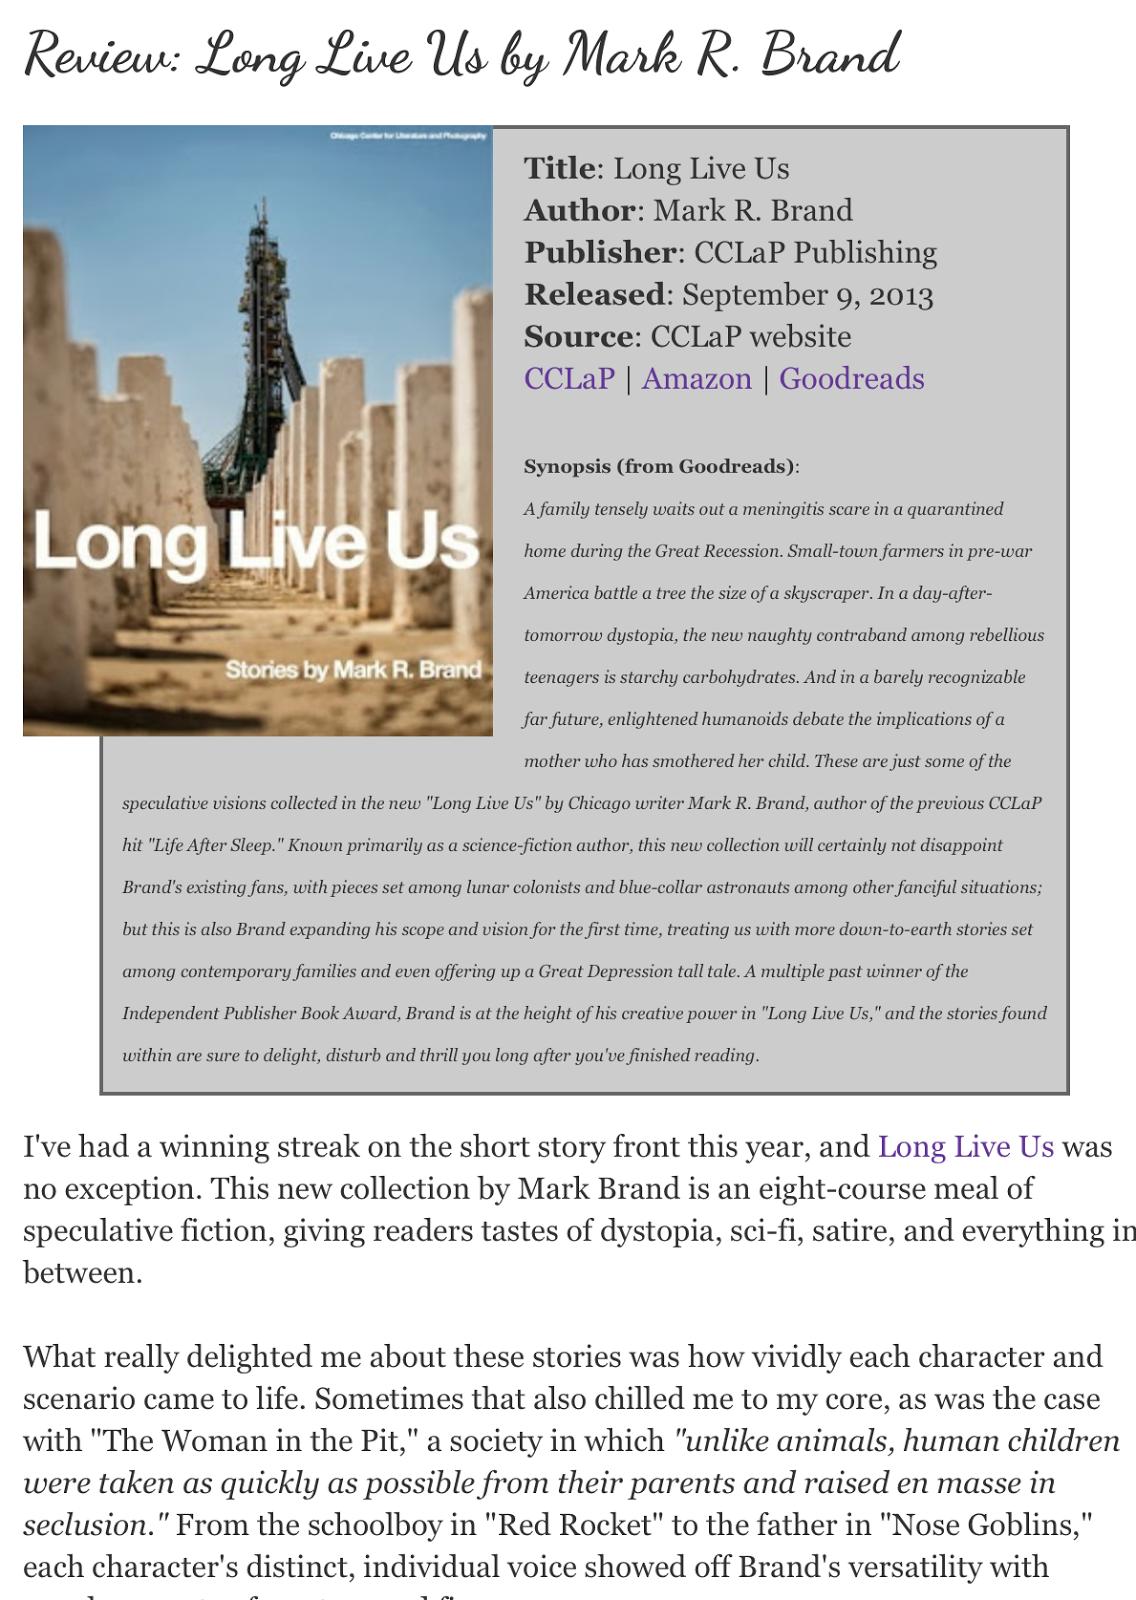 http://www.lovelybookshelf.com/2013/10/review-long-live-us-by-mark-r-brand.html